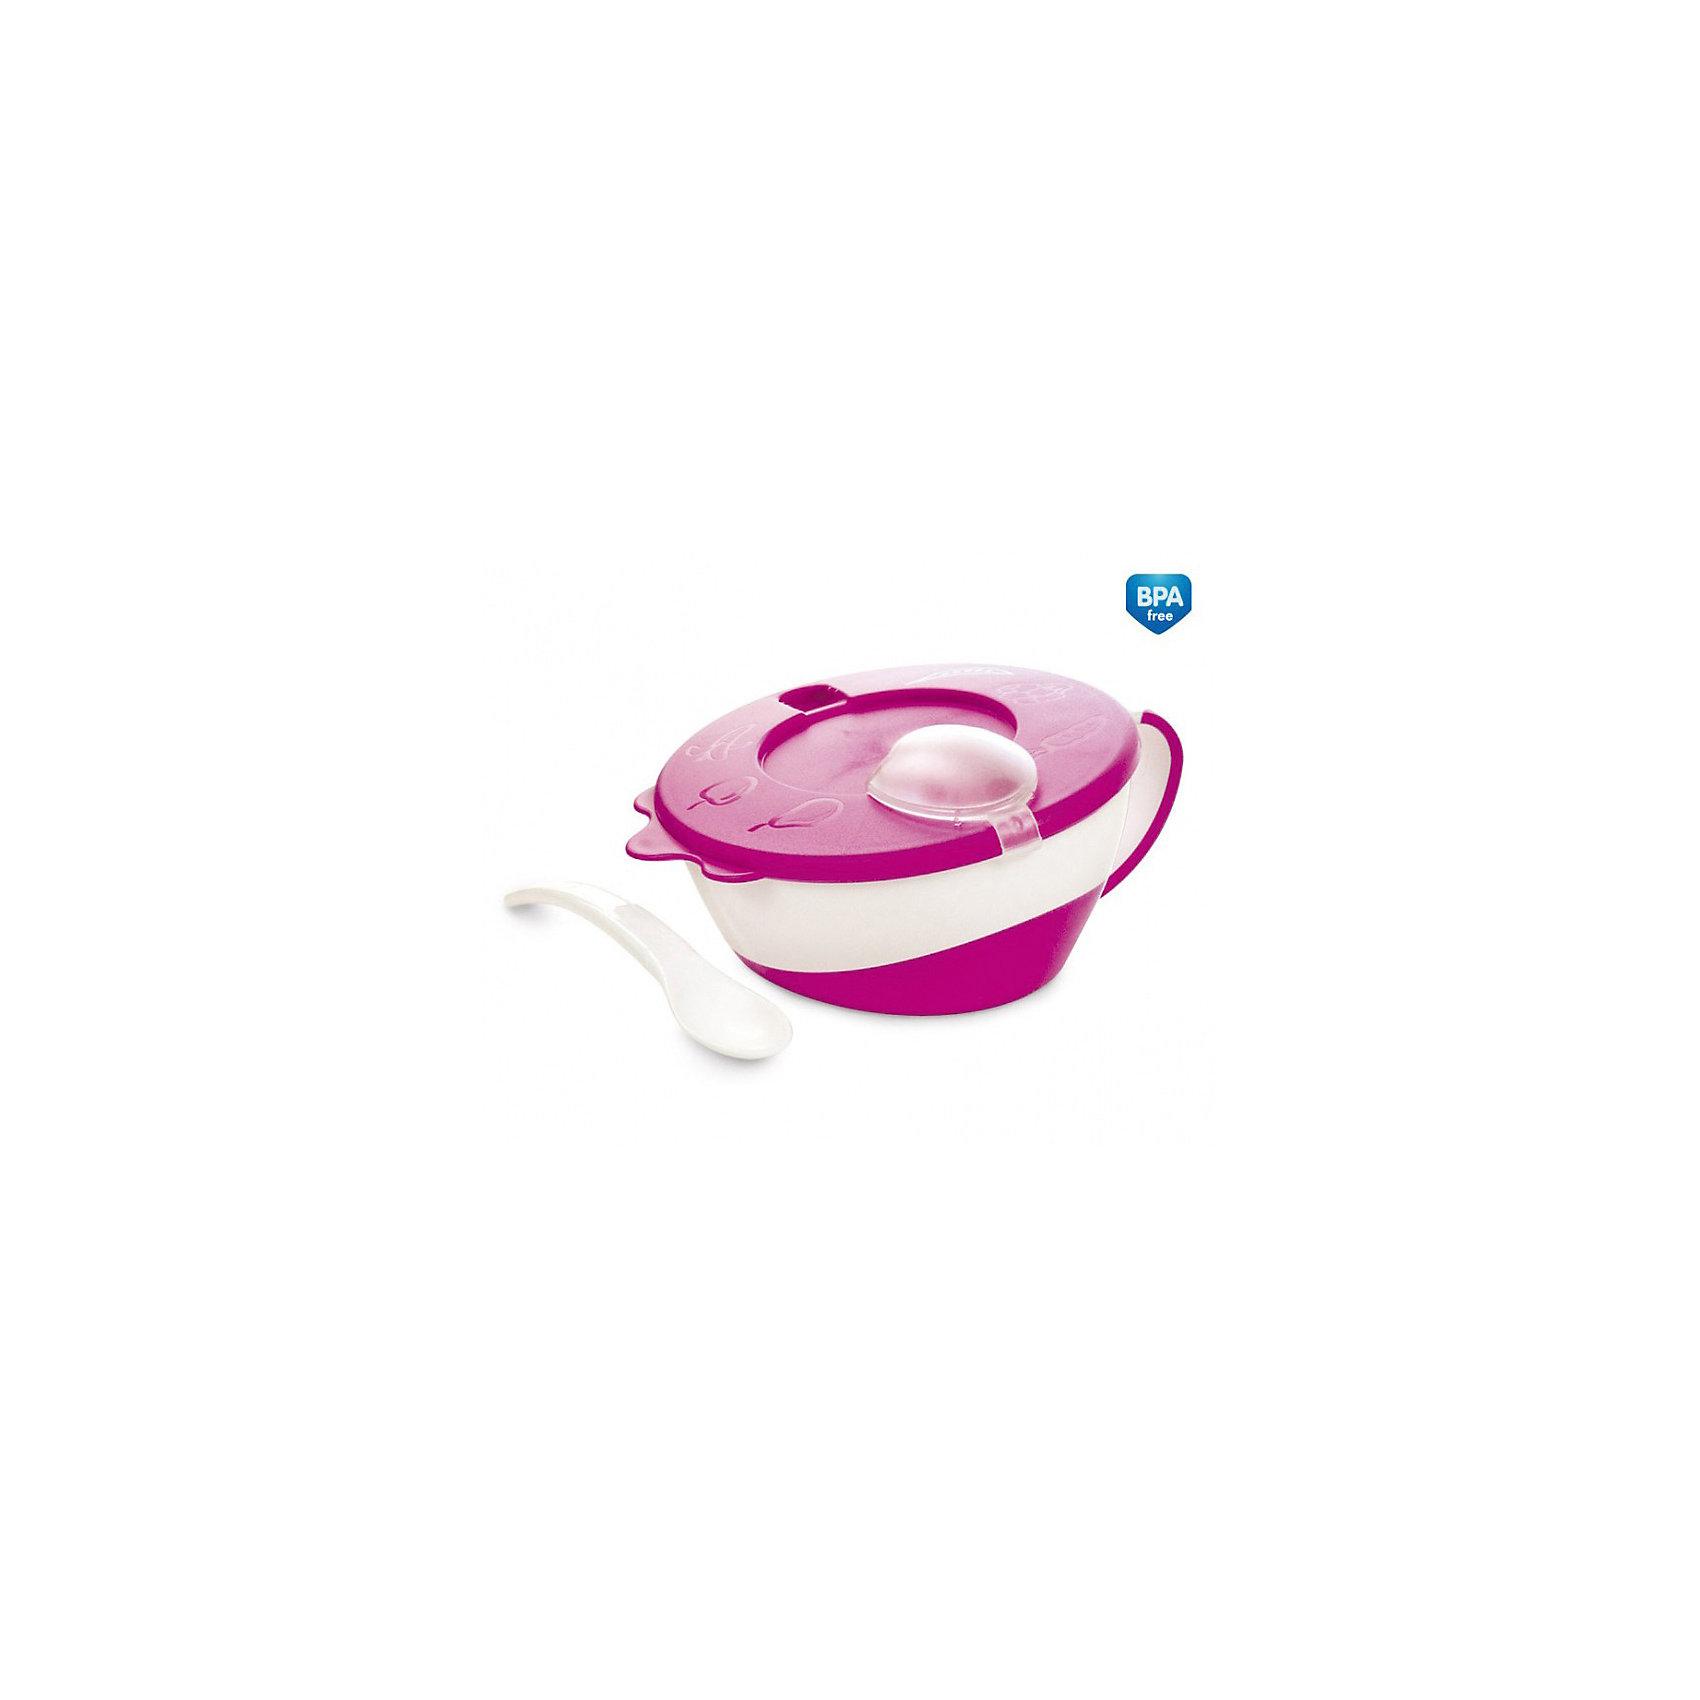 Мисочка с ложкой и крышкой, Canpol Babies, розовыйМисочка с ложкой и крышкой, Canpol Babies<br>Описание:<br>Ложечка крепится на крышку - удобно хранить;<br>Ложка особой формы, благодаря чему ее удобно держать и кушать;<br>Нескользящее прорезиненное дно - удобно кормить ребенка;<br>Крепление для ложки предусмотрено на поверхности крышки;<br>Крышка плотно закрывает мисочку;<br>Удобная по форме ручка для захвата.<br><br>Мисочку с ложечкой и крышечкой Canpol Babies можно купить в нашем интернет-магазине.<br><br>Ширина мм: 150<br>Глубина мм: 78<br>Высота мм: 180<br>Вес г: 183<br>Возраст от месяцев: 6<br>Возраст до месяцев: 48<br>Пол: Женский<br>Возраст: Детский<br>SKU: 3893869